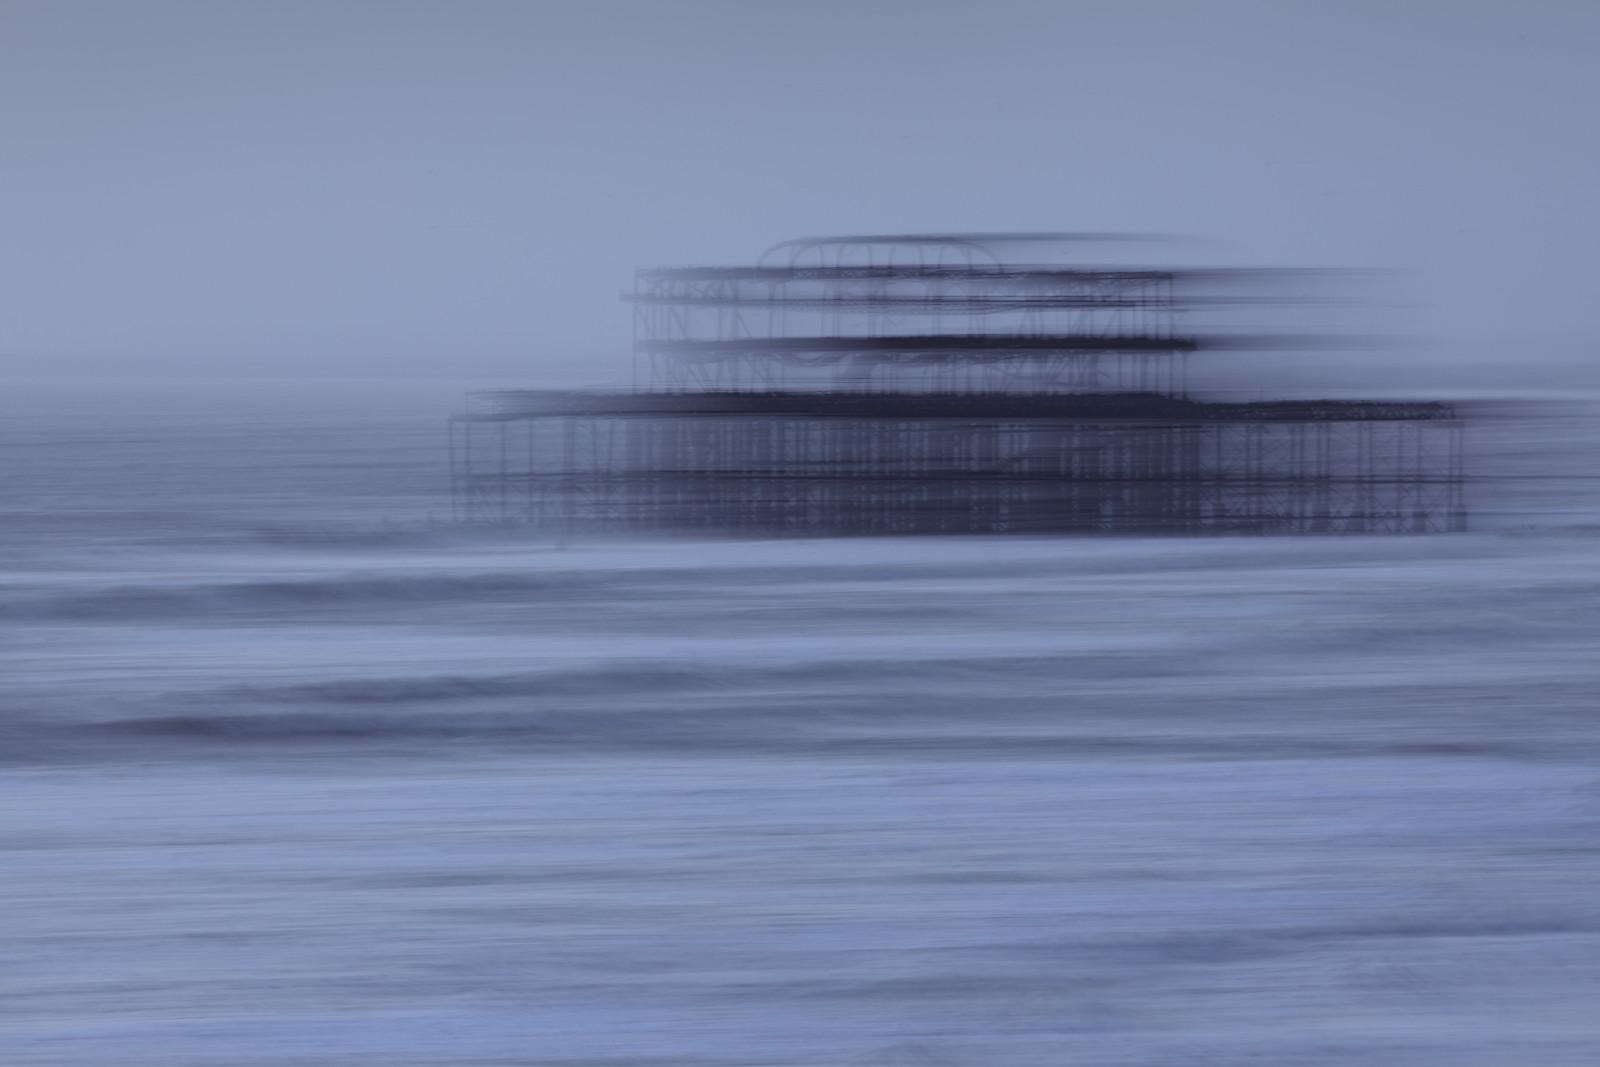 West Pier Blur